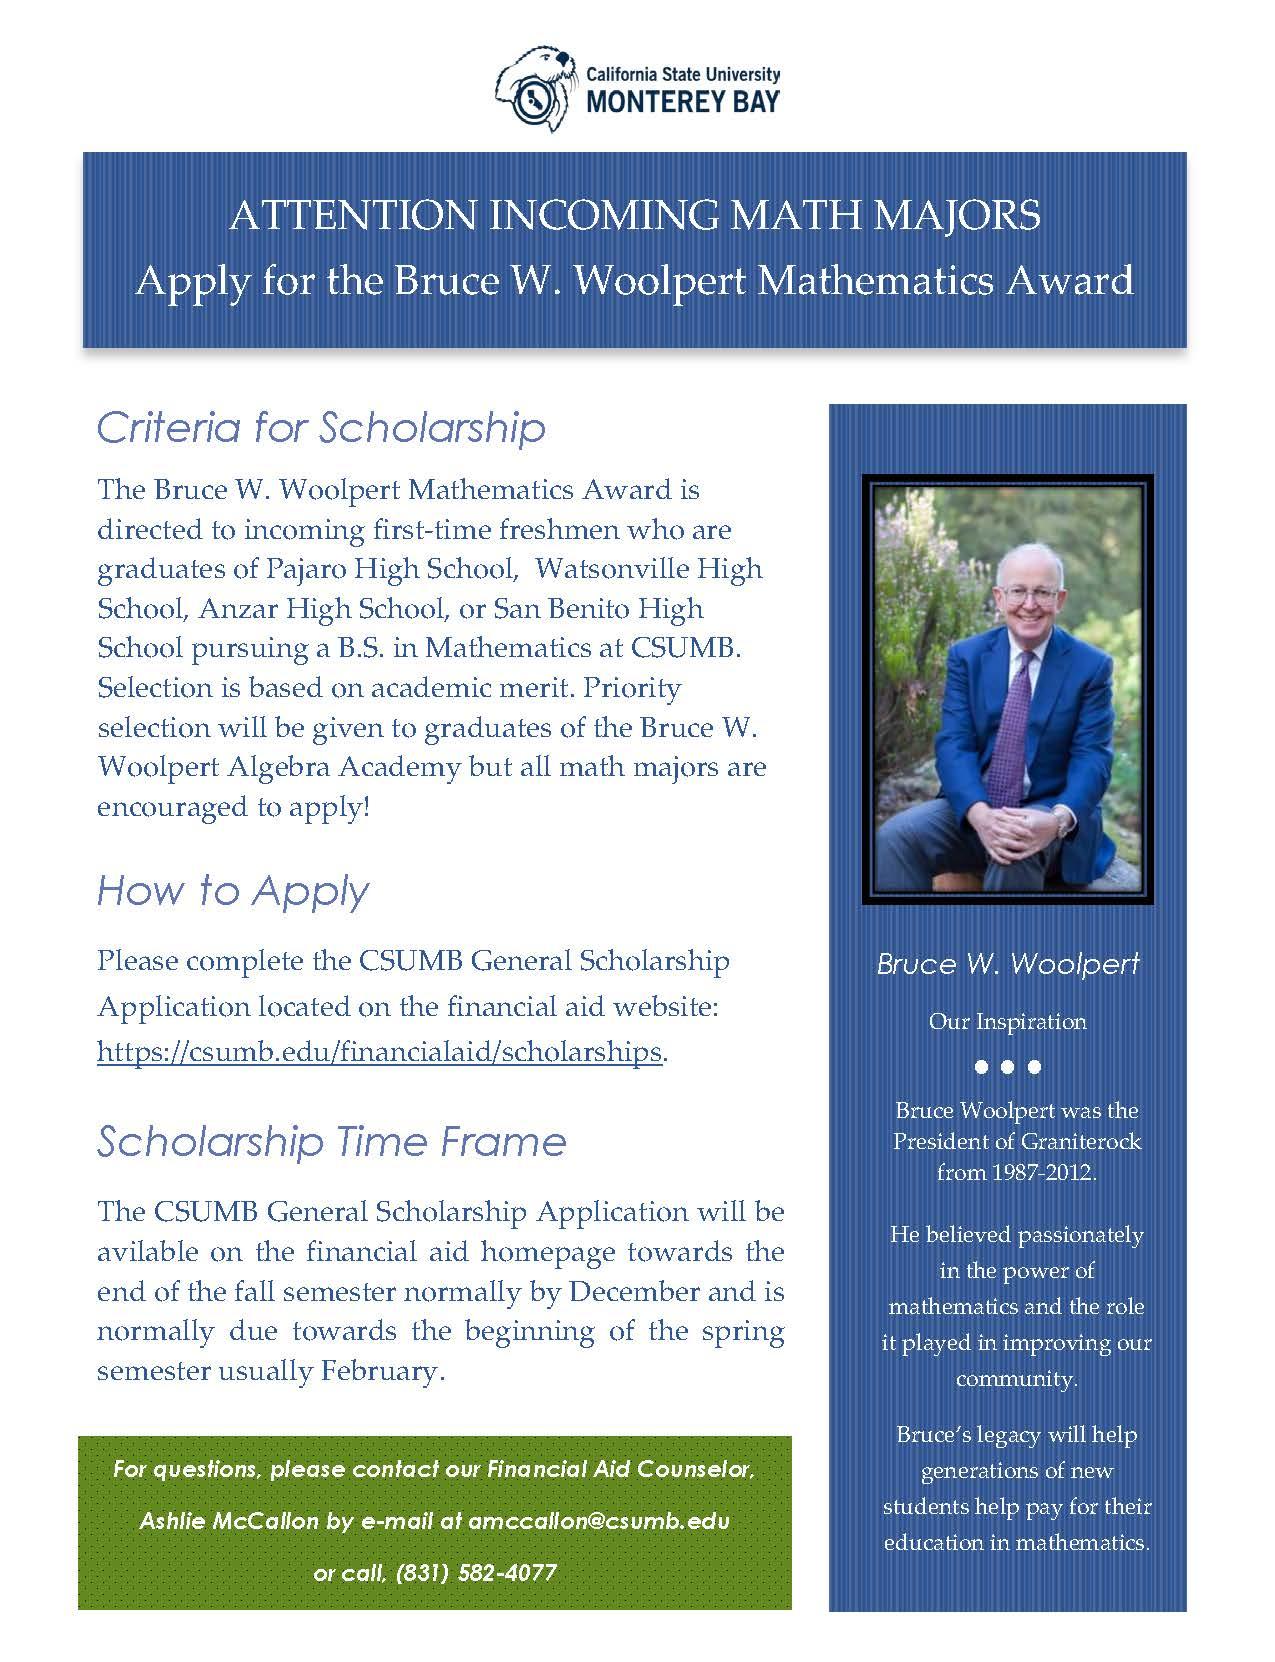 Bruce W. Woolpert Mathematics Award